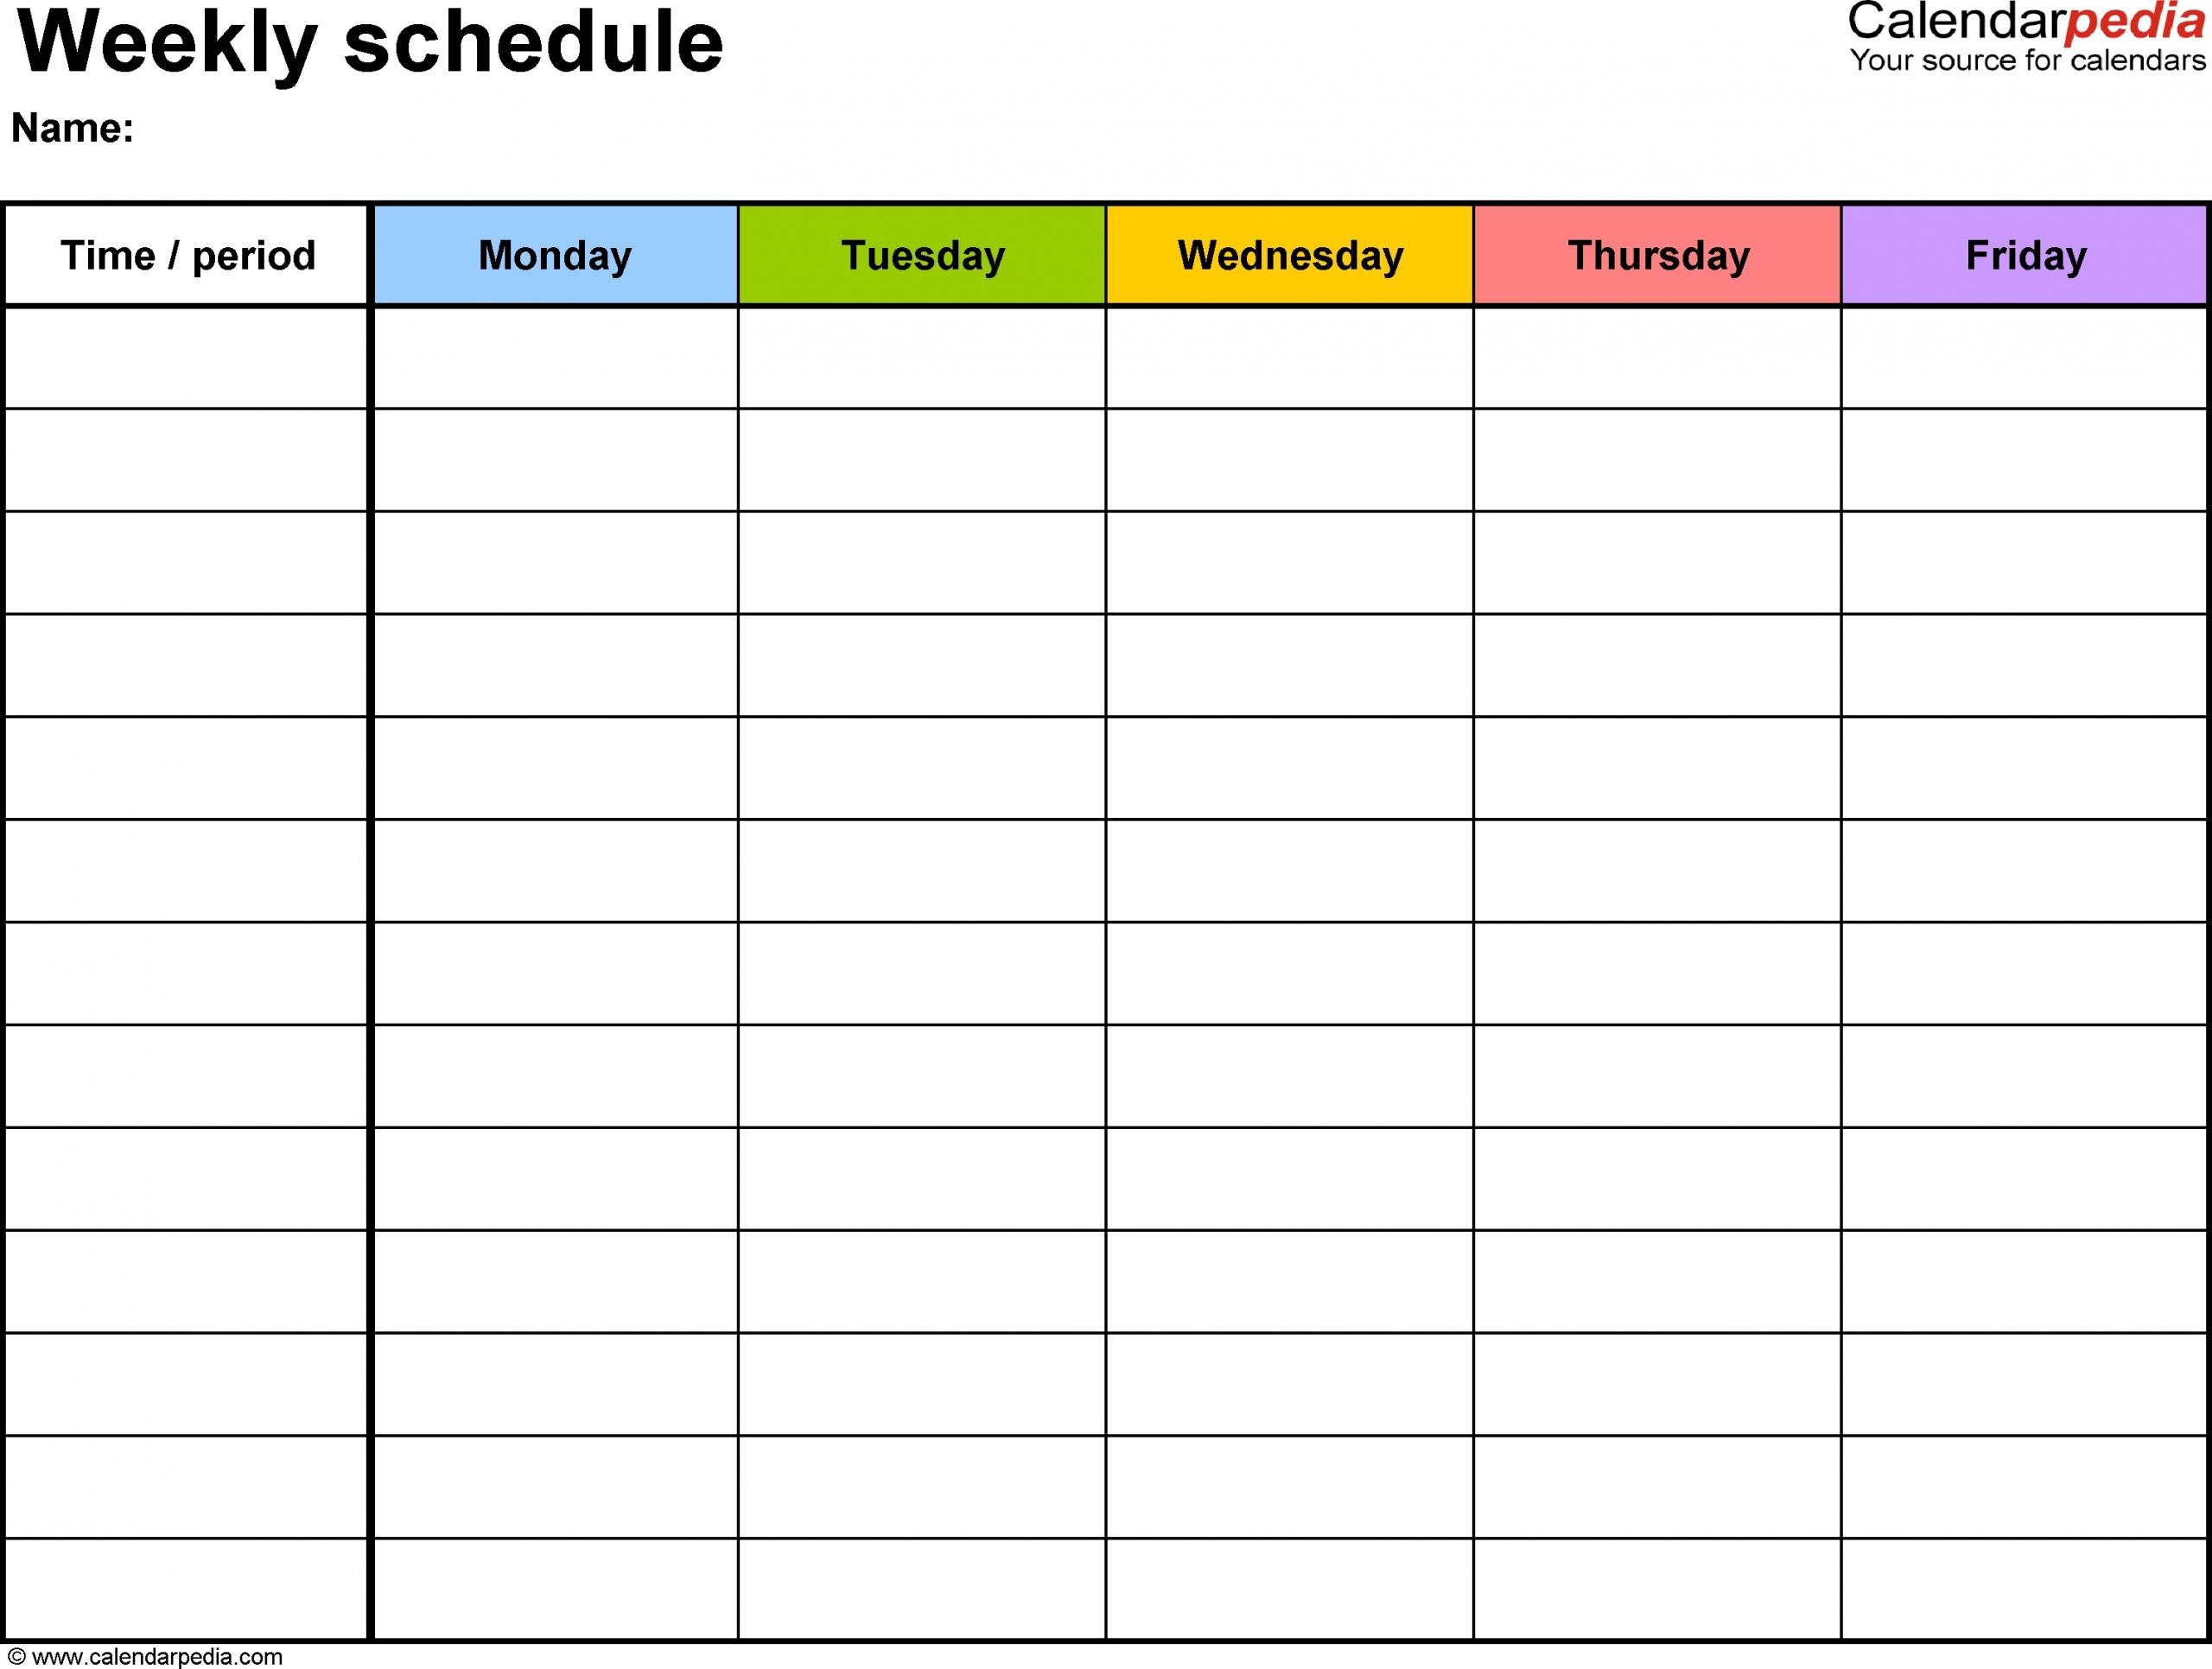 Free 2020 Printable Pocket Calendar - Calendar Inspiration Design pertaining to Free Downloadable Pocket Calendar